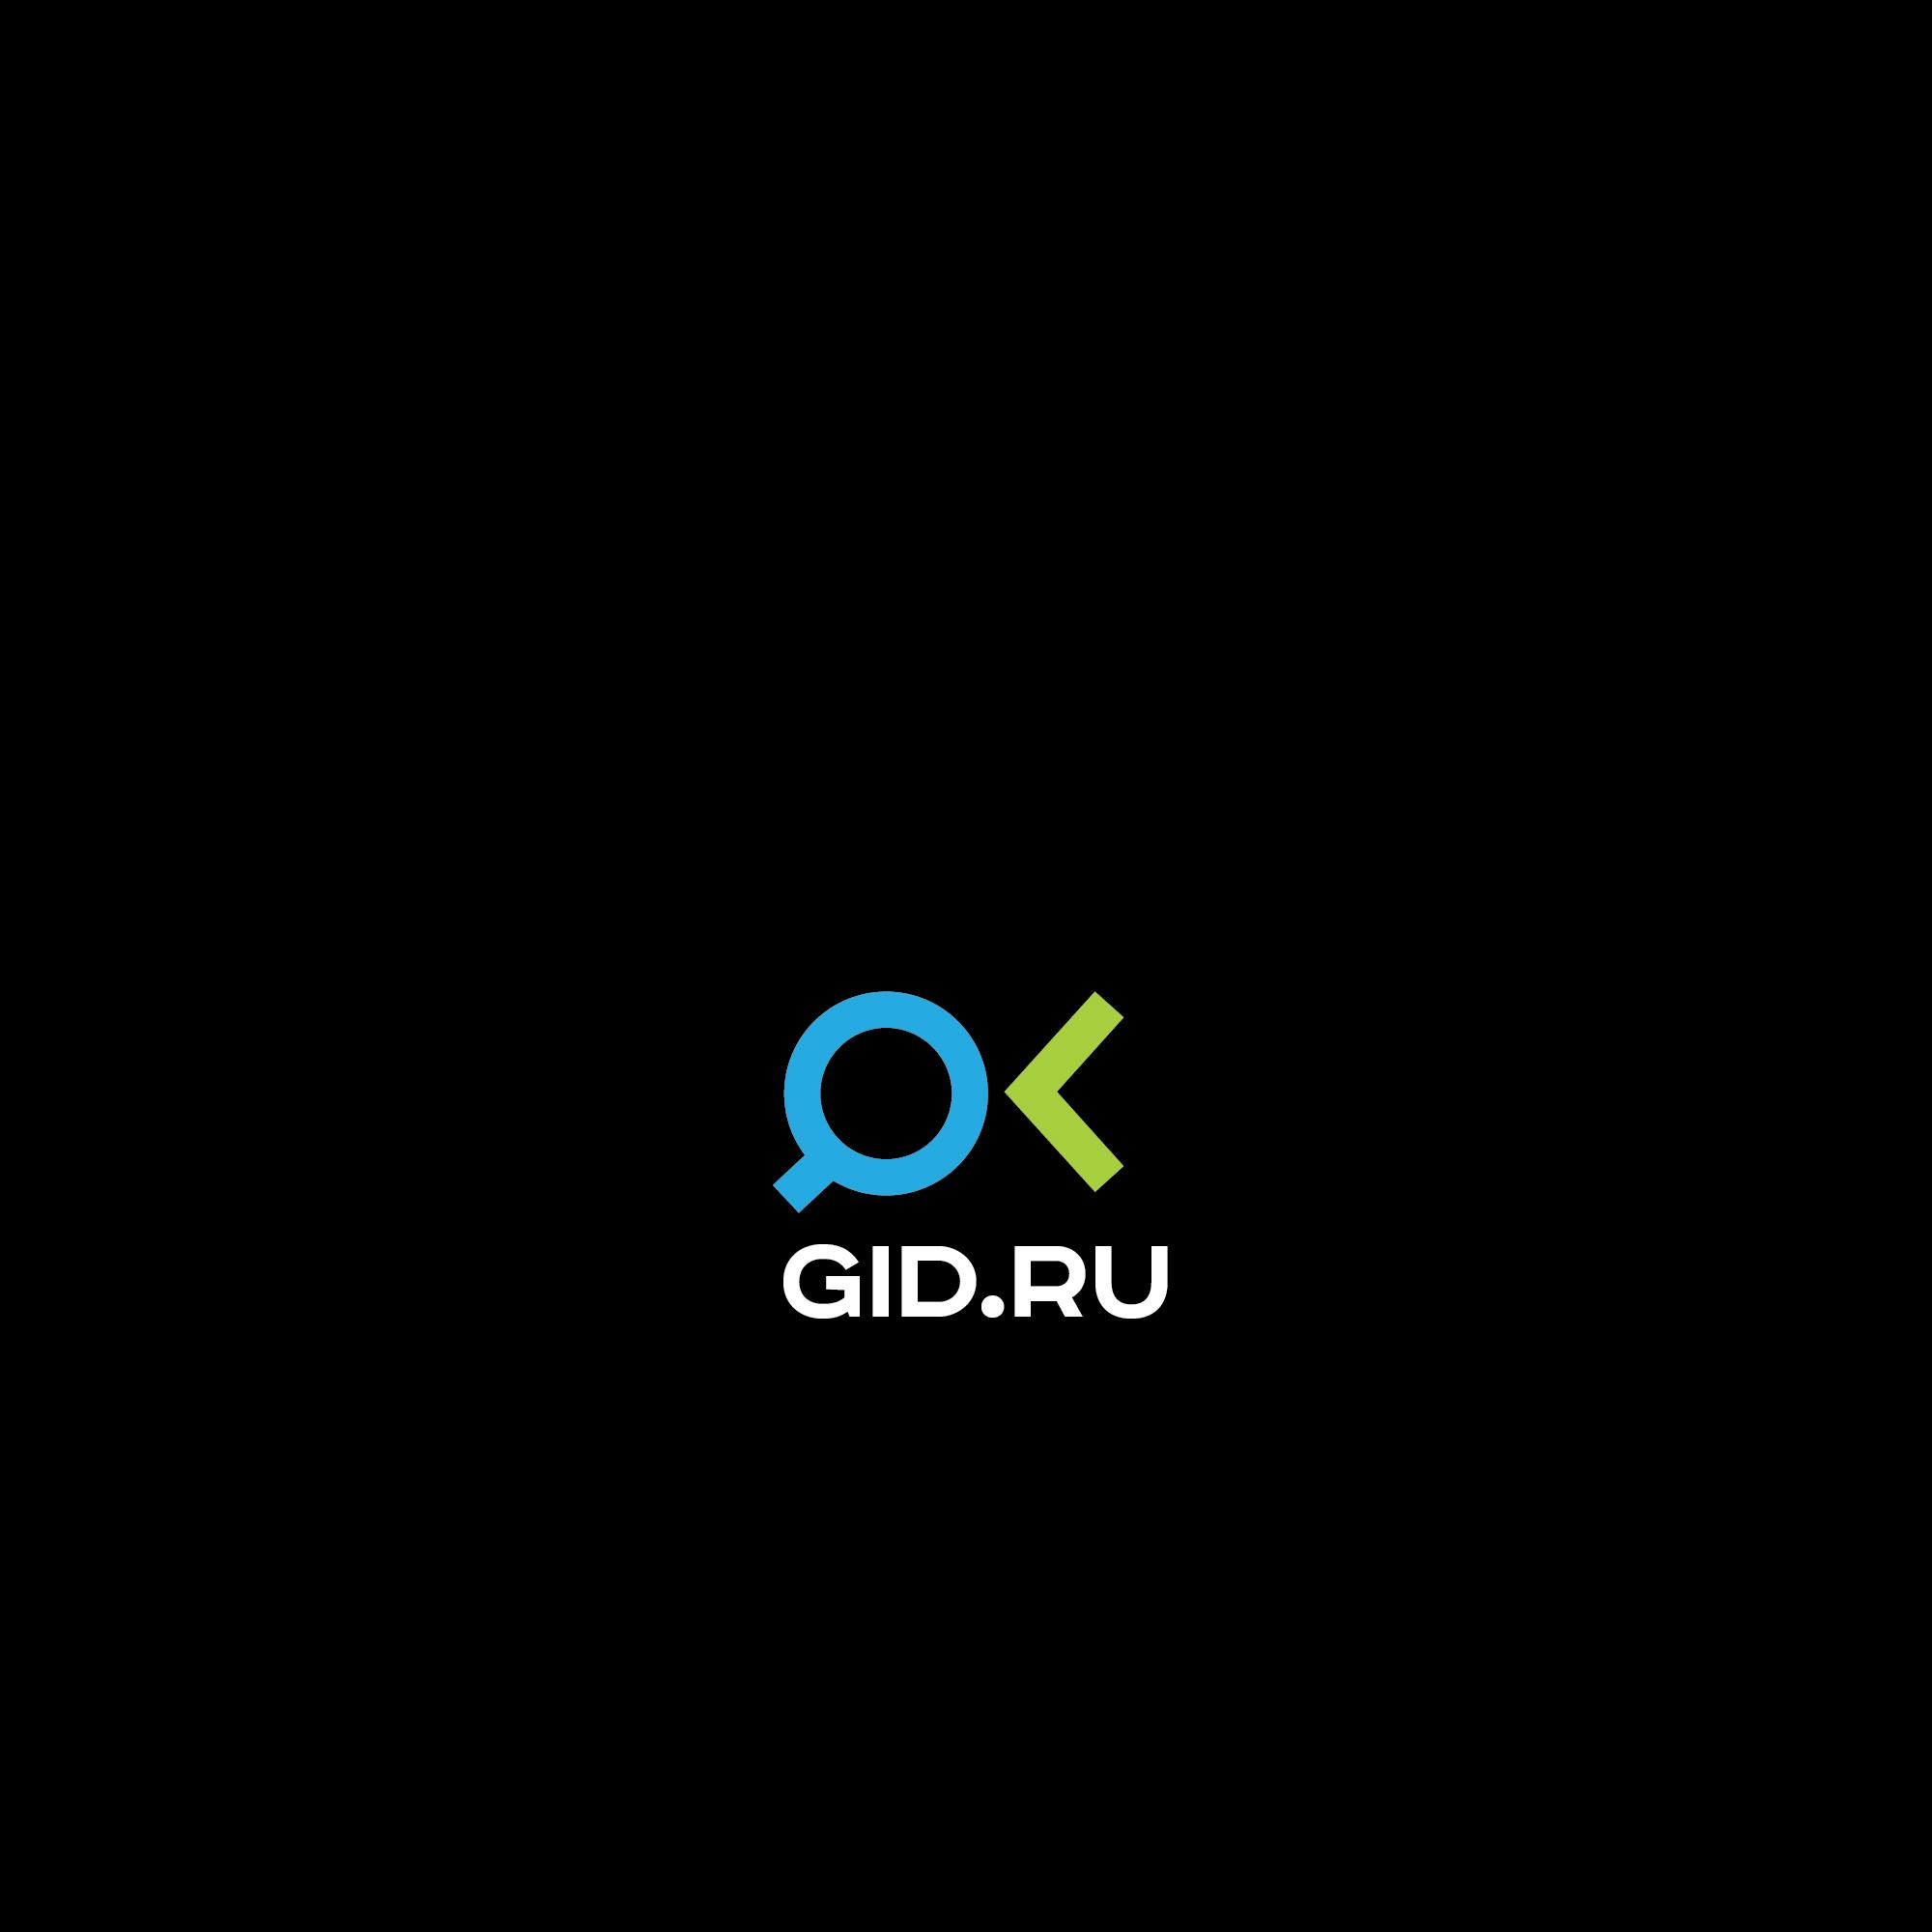 Логотип для сайта OKgid.ru фото f_92657c37ab63506d.jpg